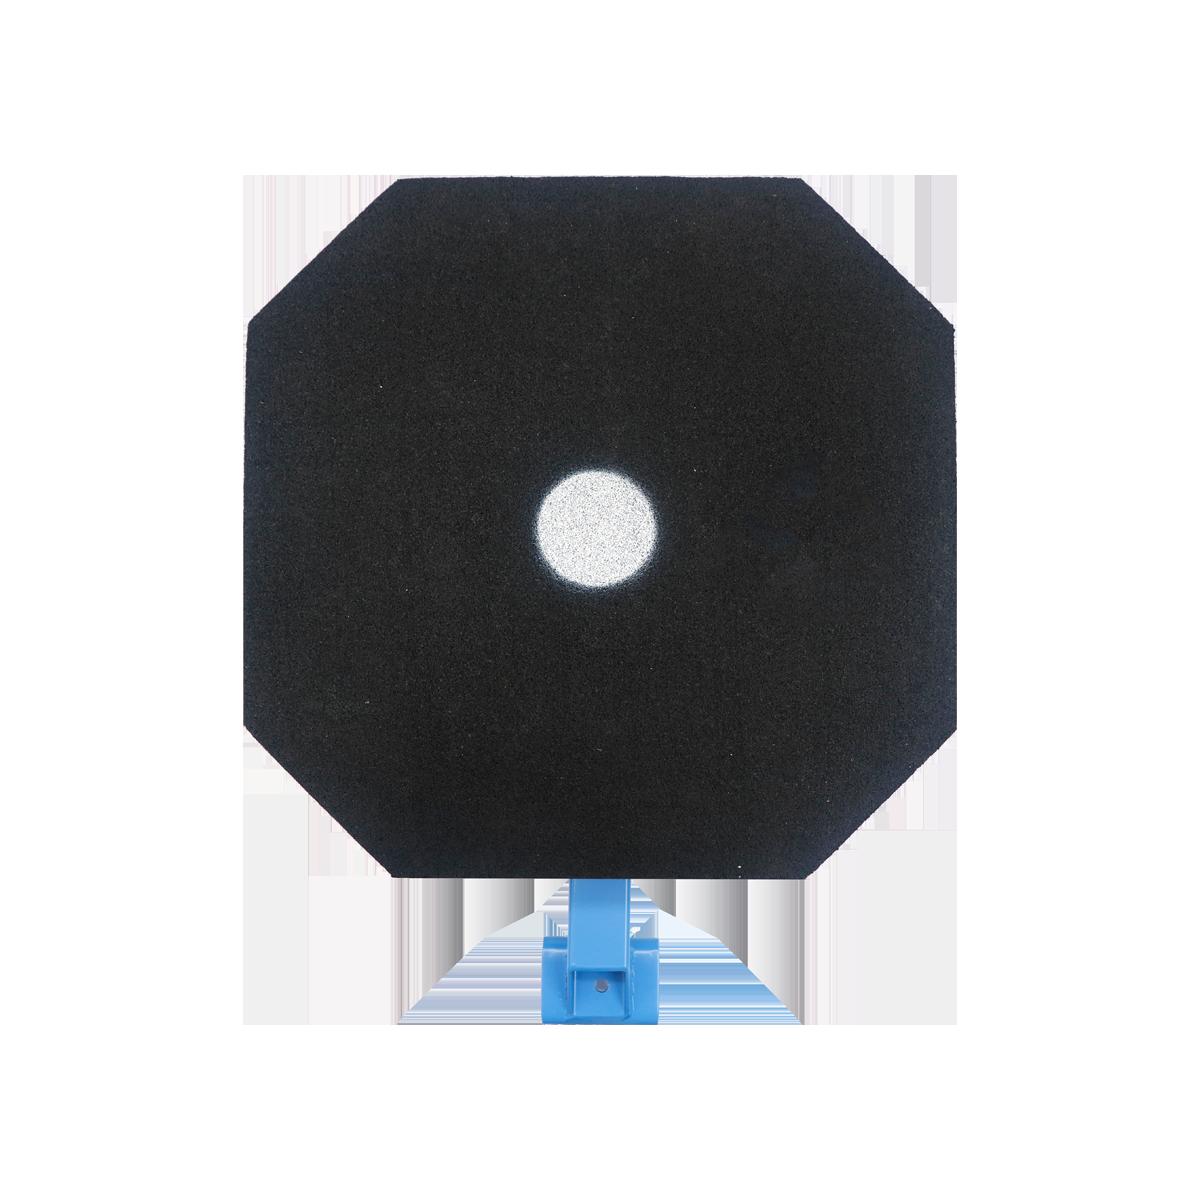 Στόχος Ρίψης Μπάλας Υπερυψωμένος 500x500mm